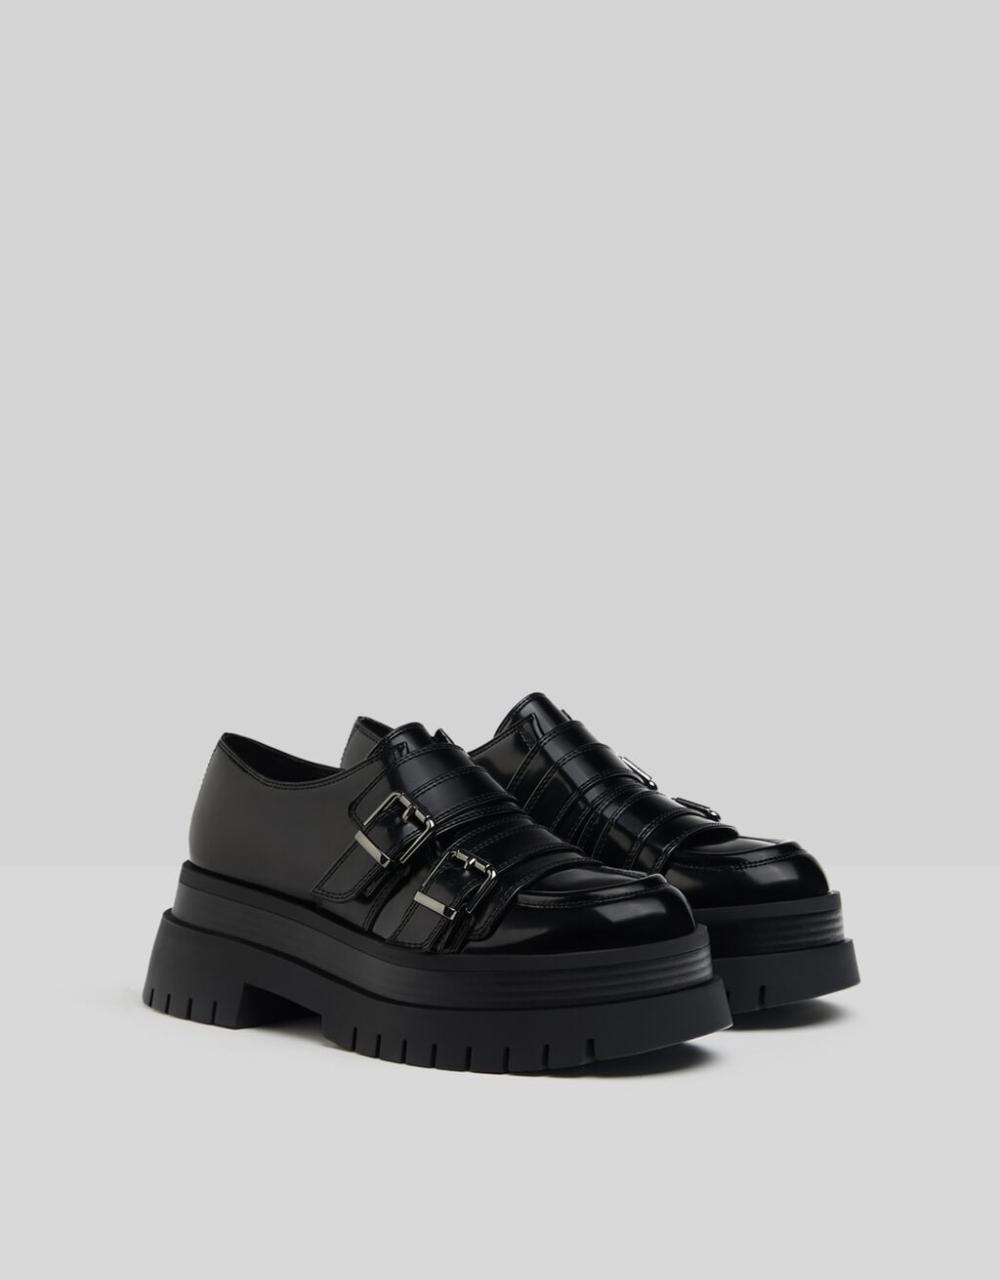 Buty Na Plaskiej Platformie Xl Ze Sprzaczkami Buty Kobieta Bershka Black Heels Low Buckle Shoes Women Platform Shoes